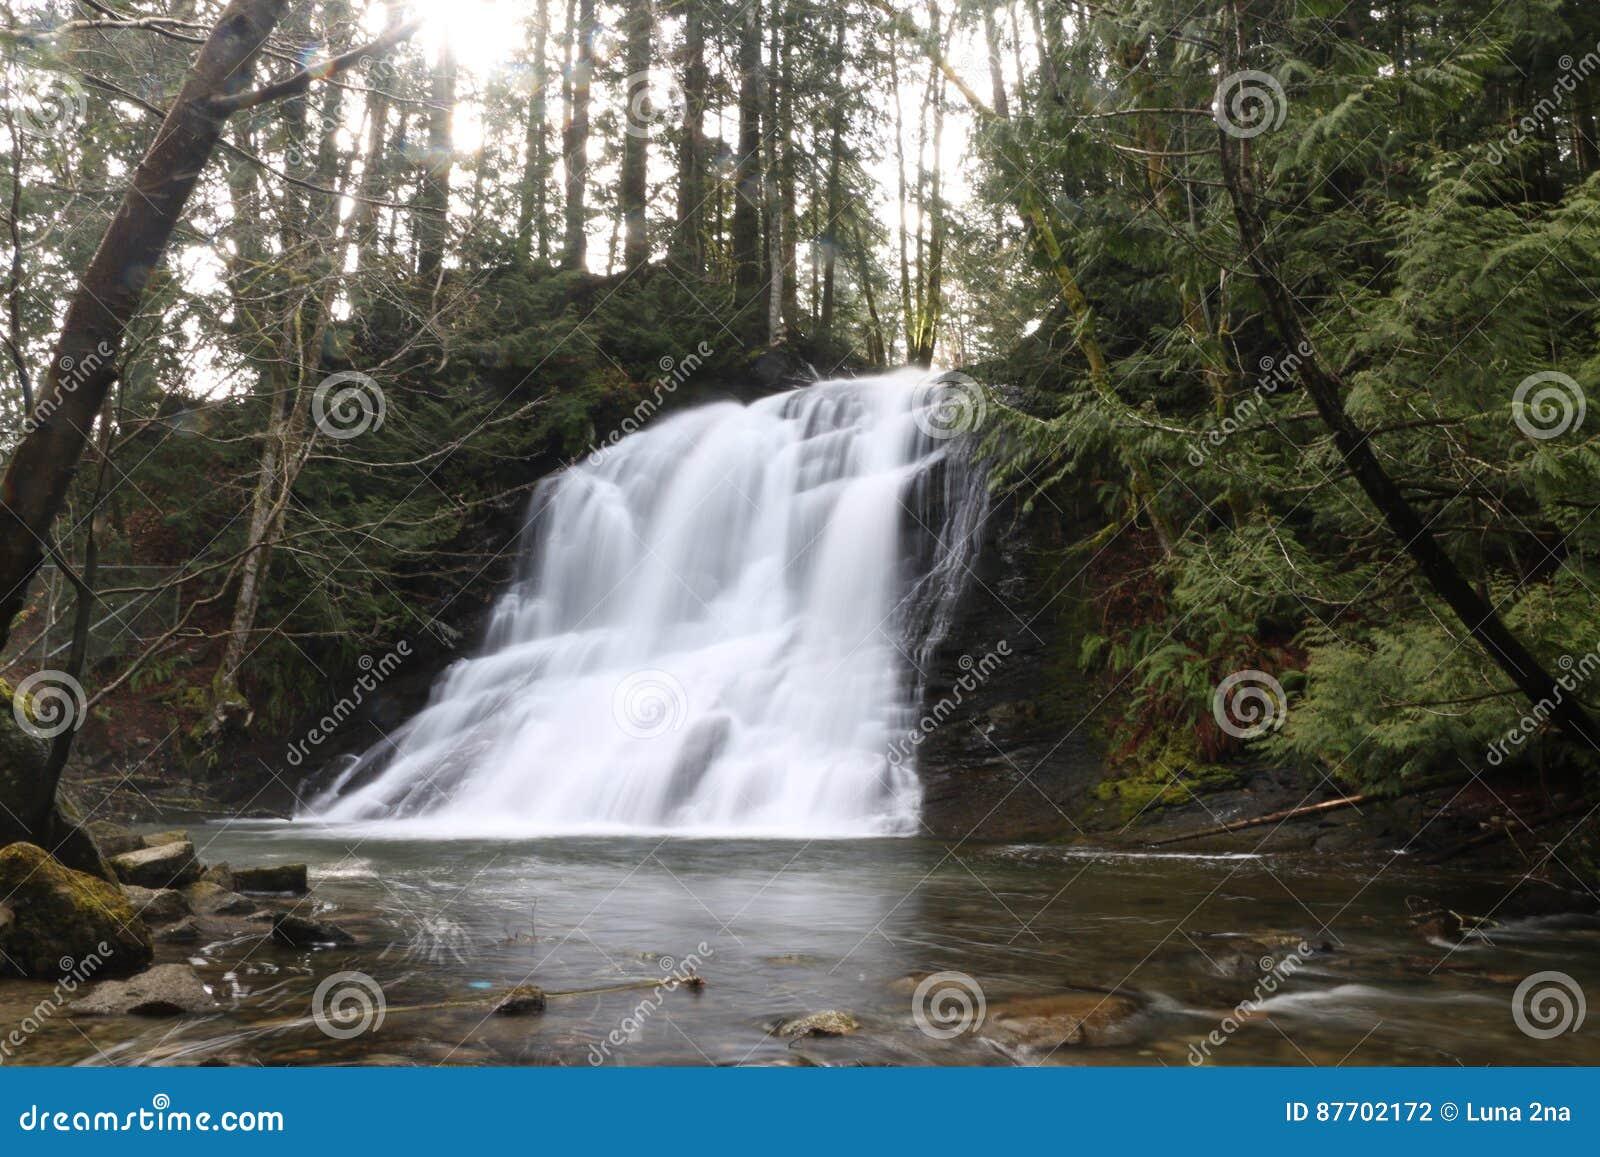 Zen Waterfalls